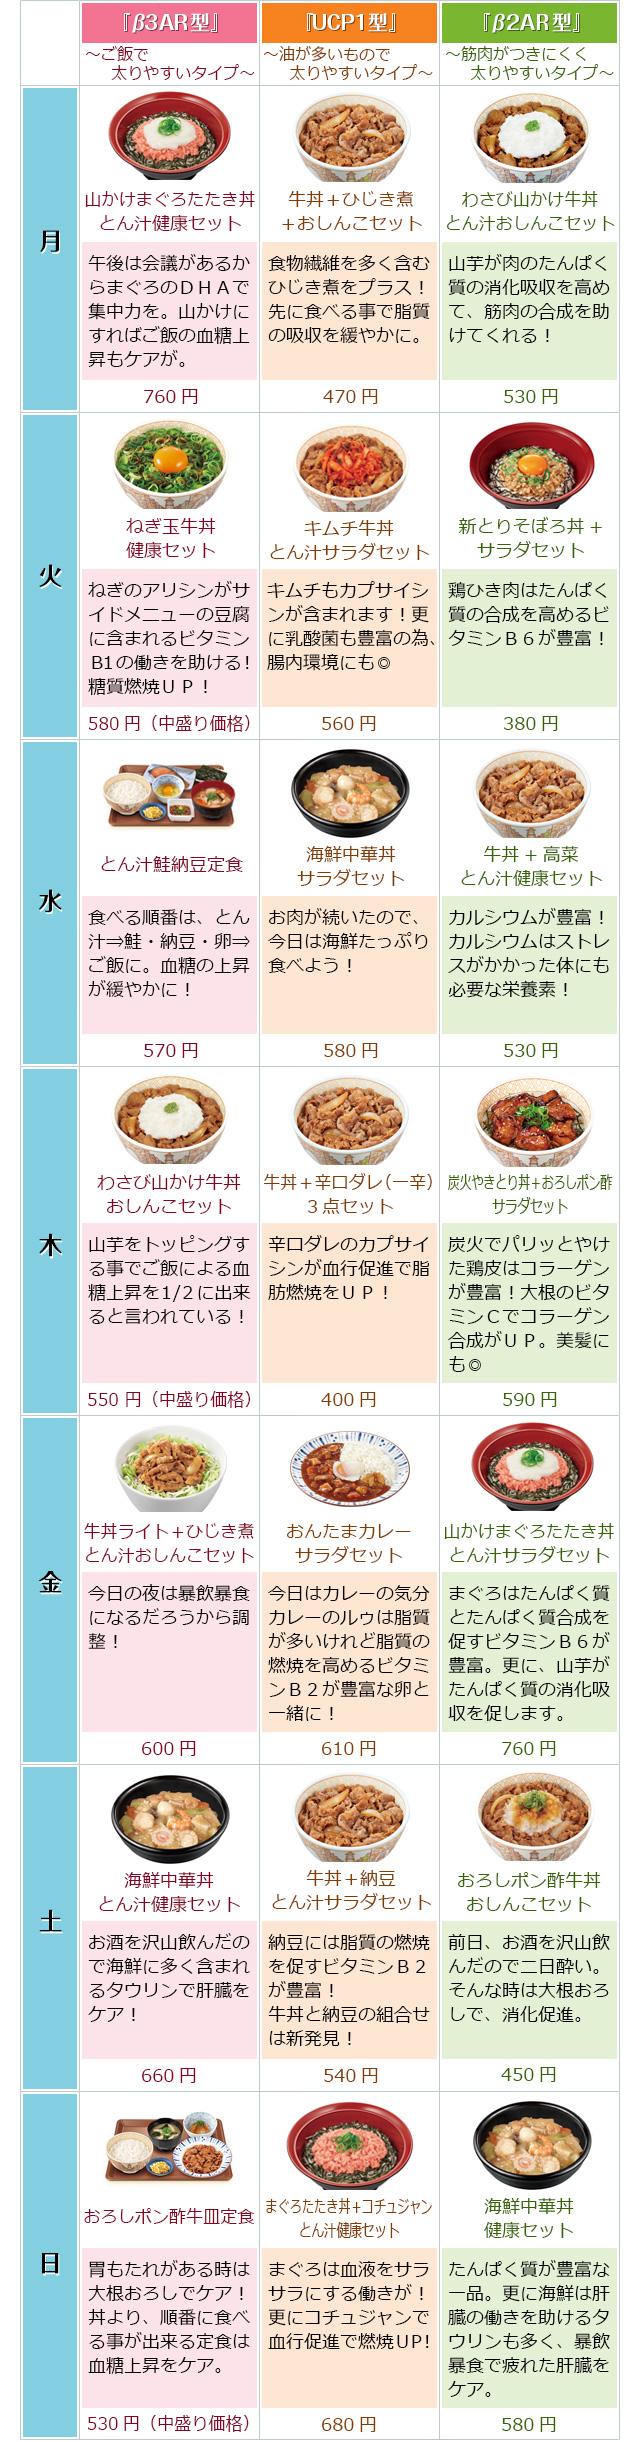 週間 ダイエット メニュー 1